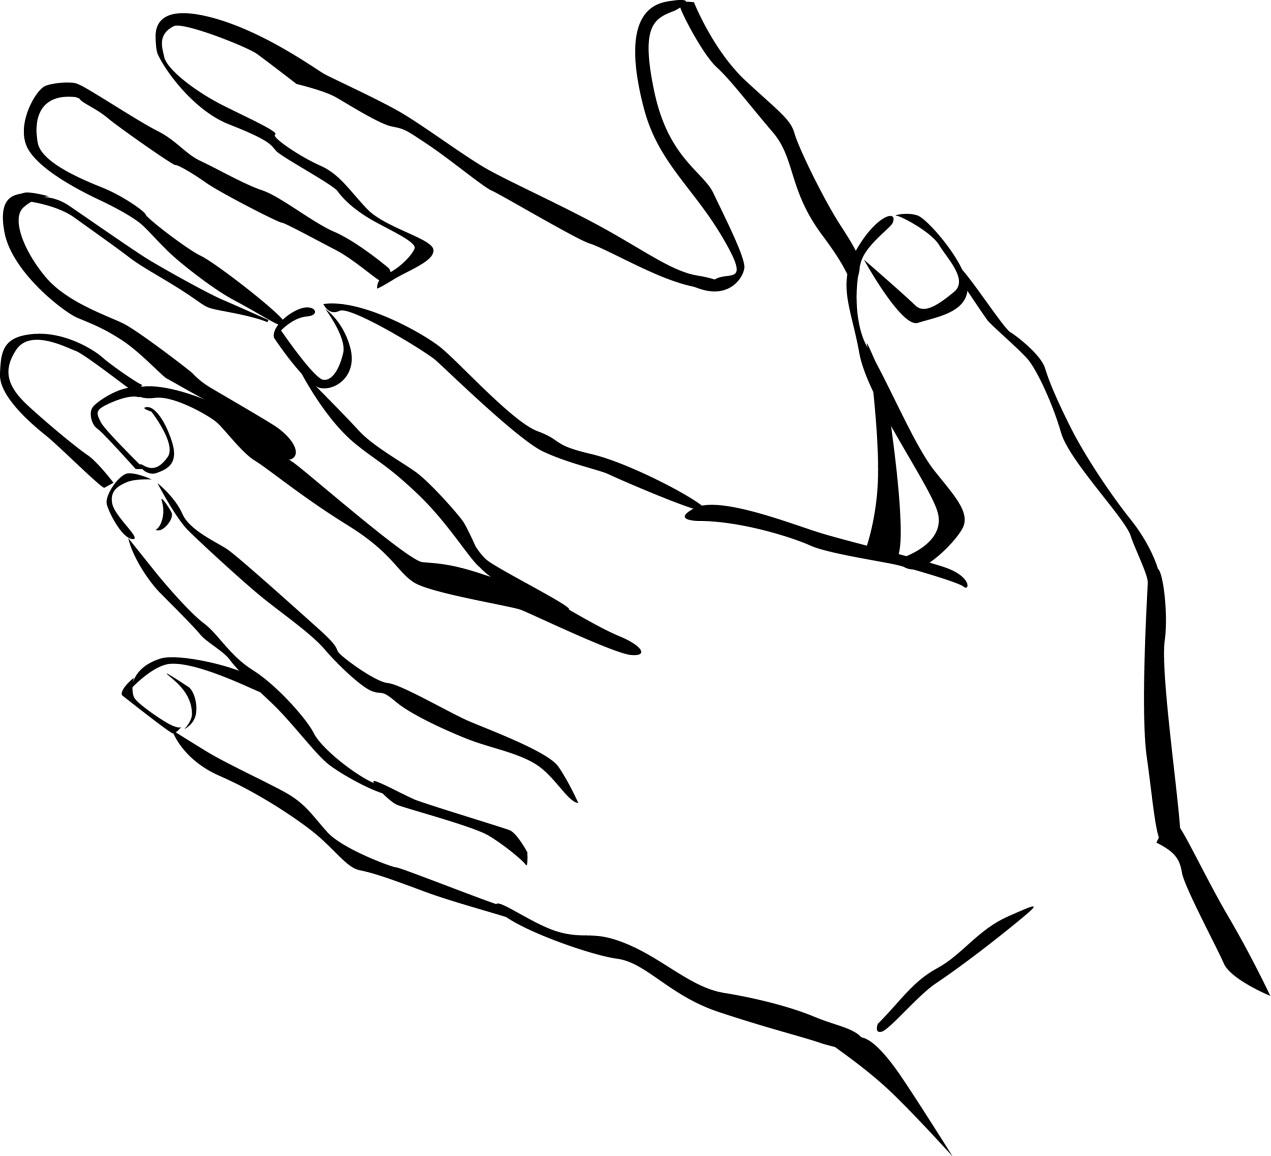 Tranh tô màu bàn tay đẹp